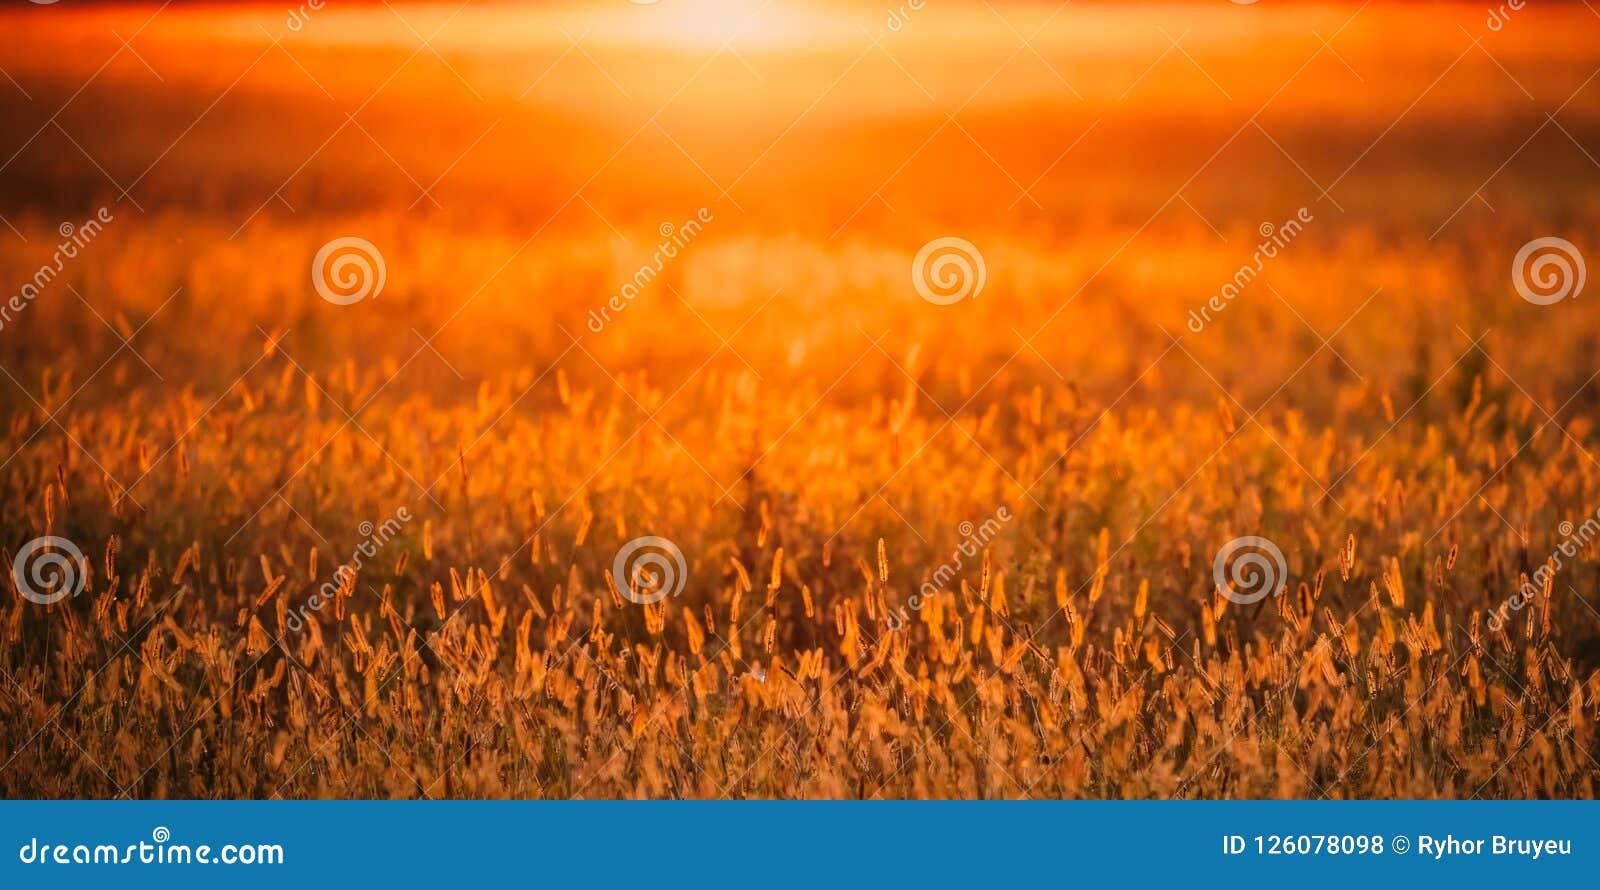 Fienarola dei prati nel fondo giallo di luce solare Stagione di autunno